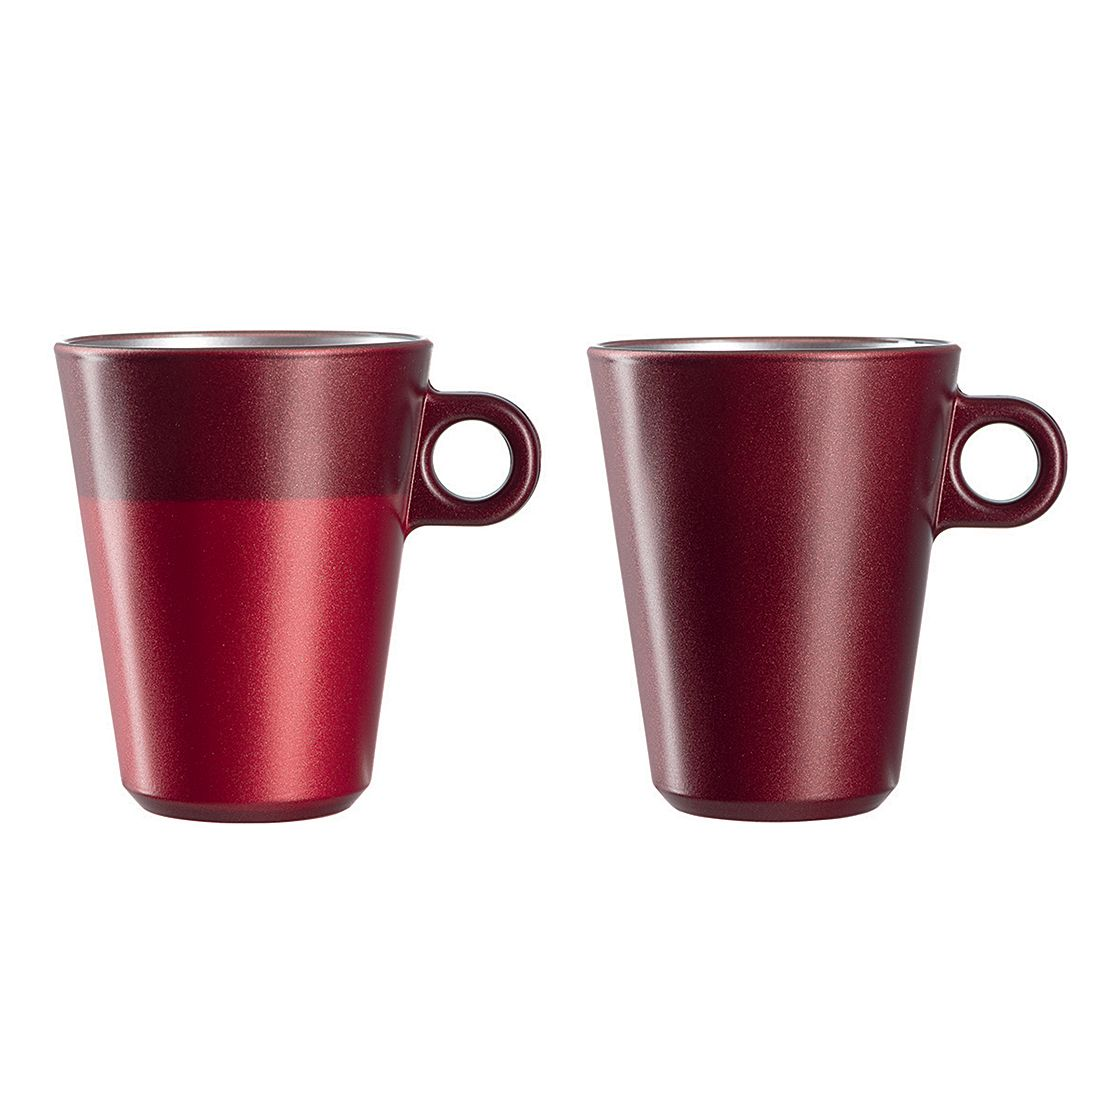 Latte Macchiato Glas Ooh Magico (2er-Set) - Rot Metallic, Leonardo